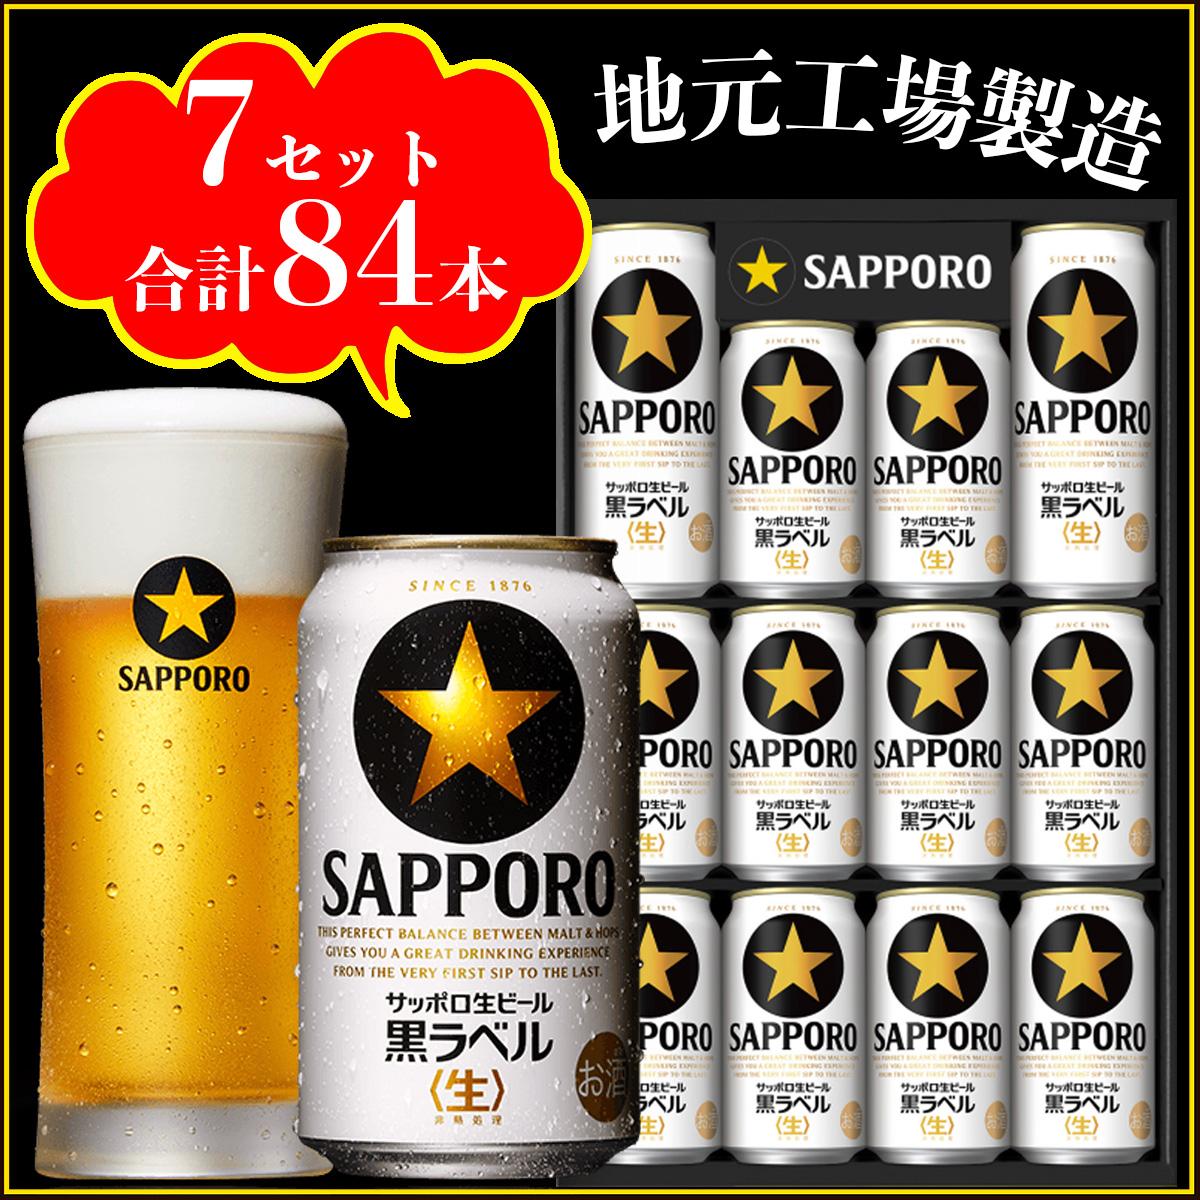 【ふるさと納税】【一括お届け便】地元名取生産 サッポロ生ビール黒ラベル(350ml×10本&500ml×2本)7ケースお届け